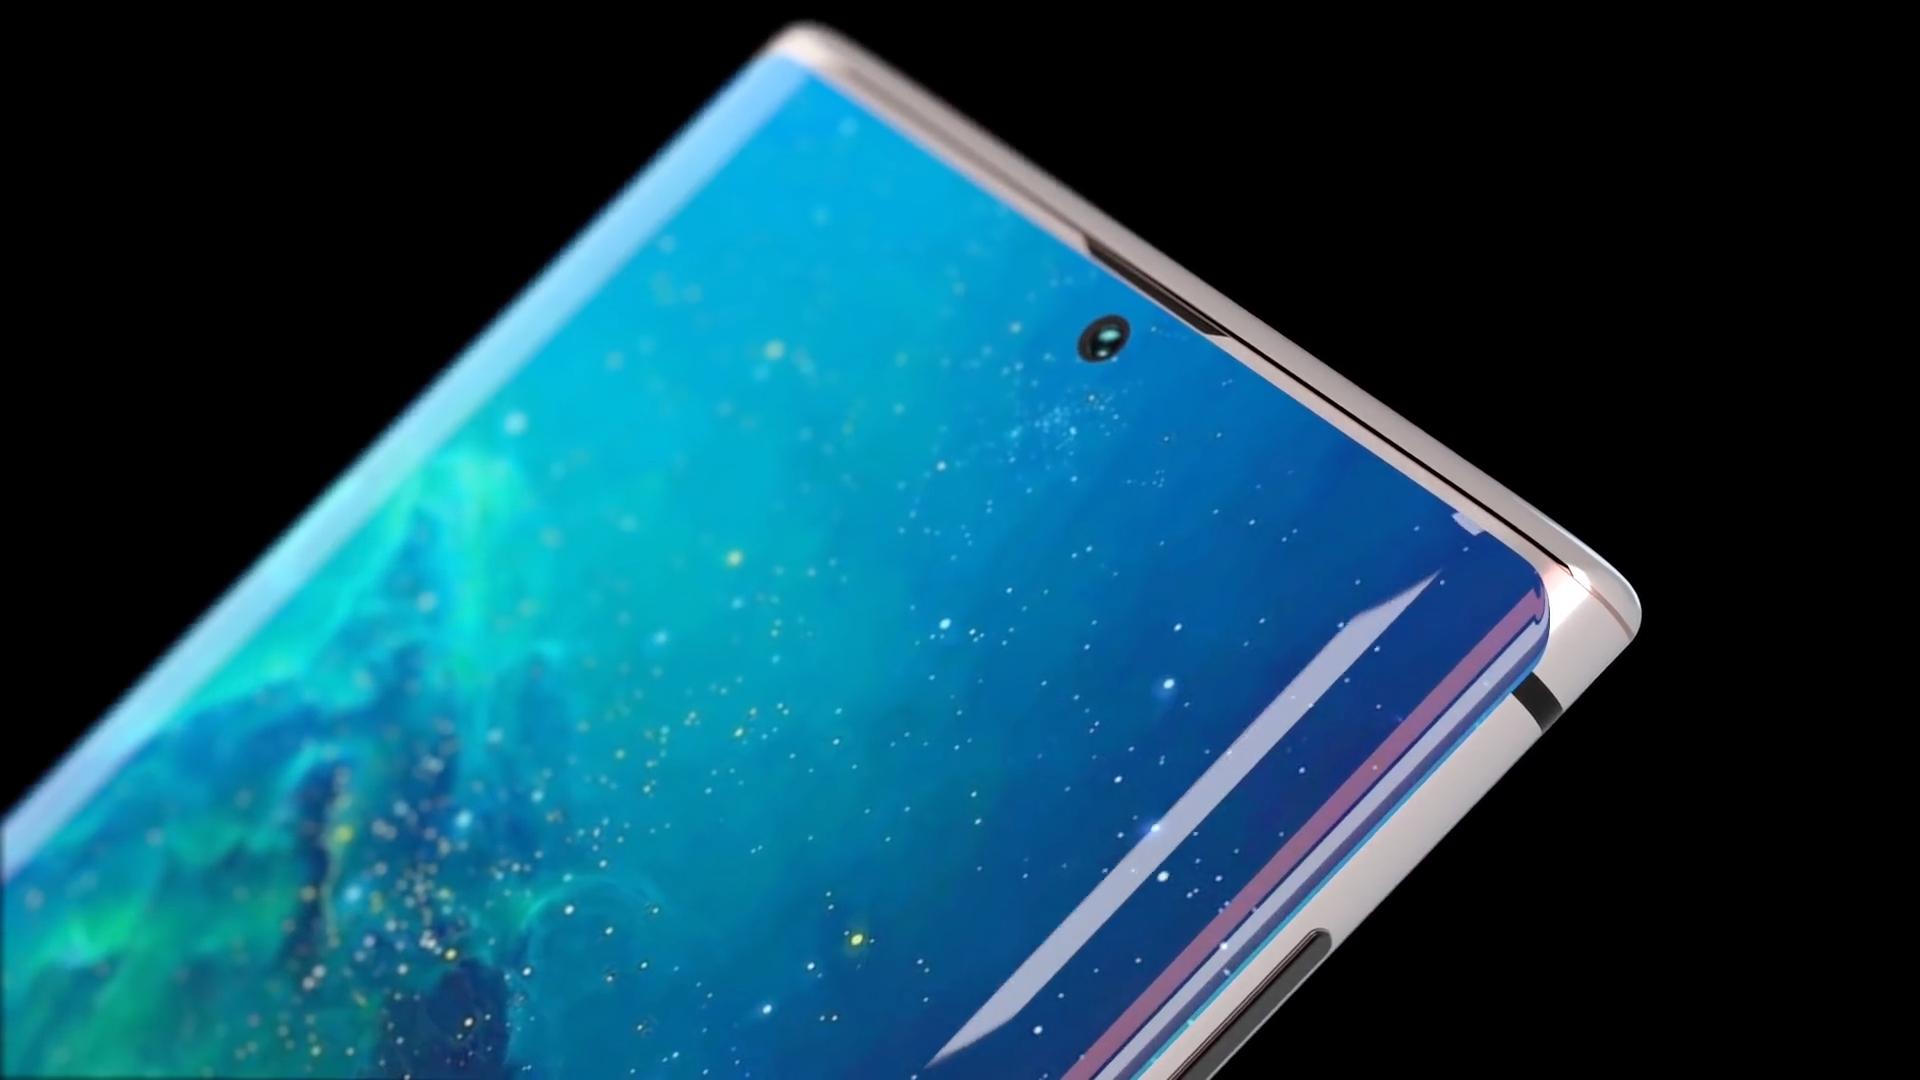 هاتف Samsung Galaxy Note 10 المُنتظر قد يتم الإعلان عنه في 7 أغسطس القادم